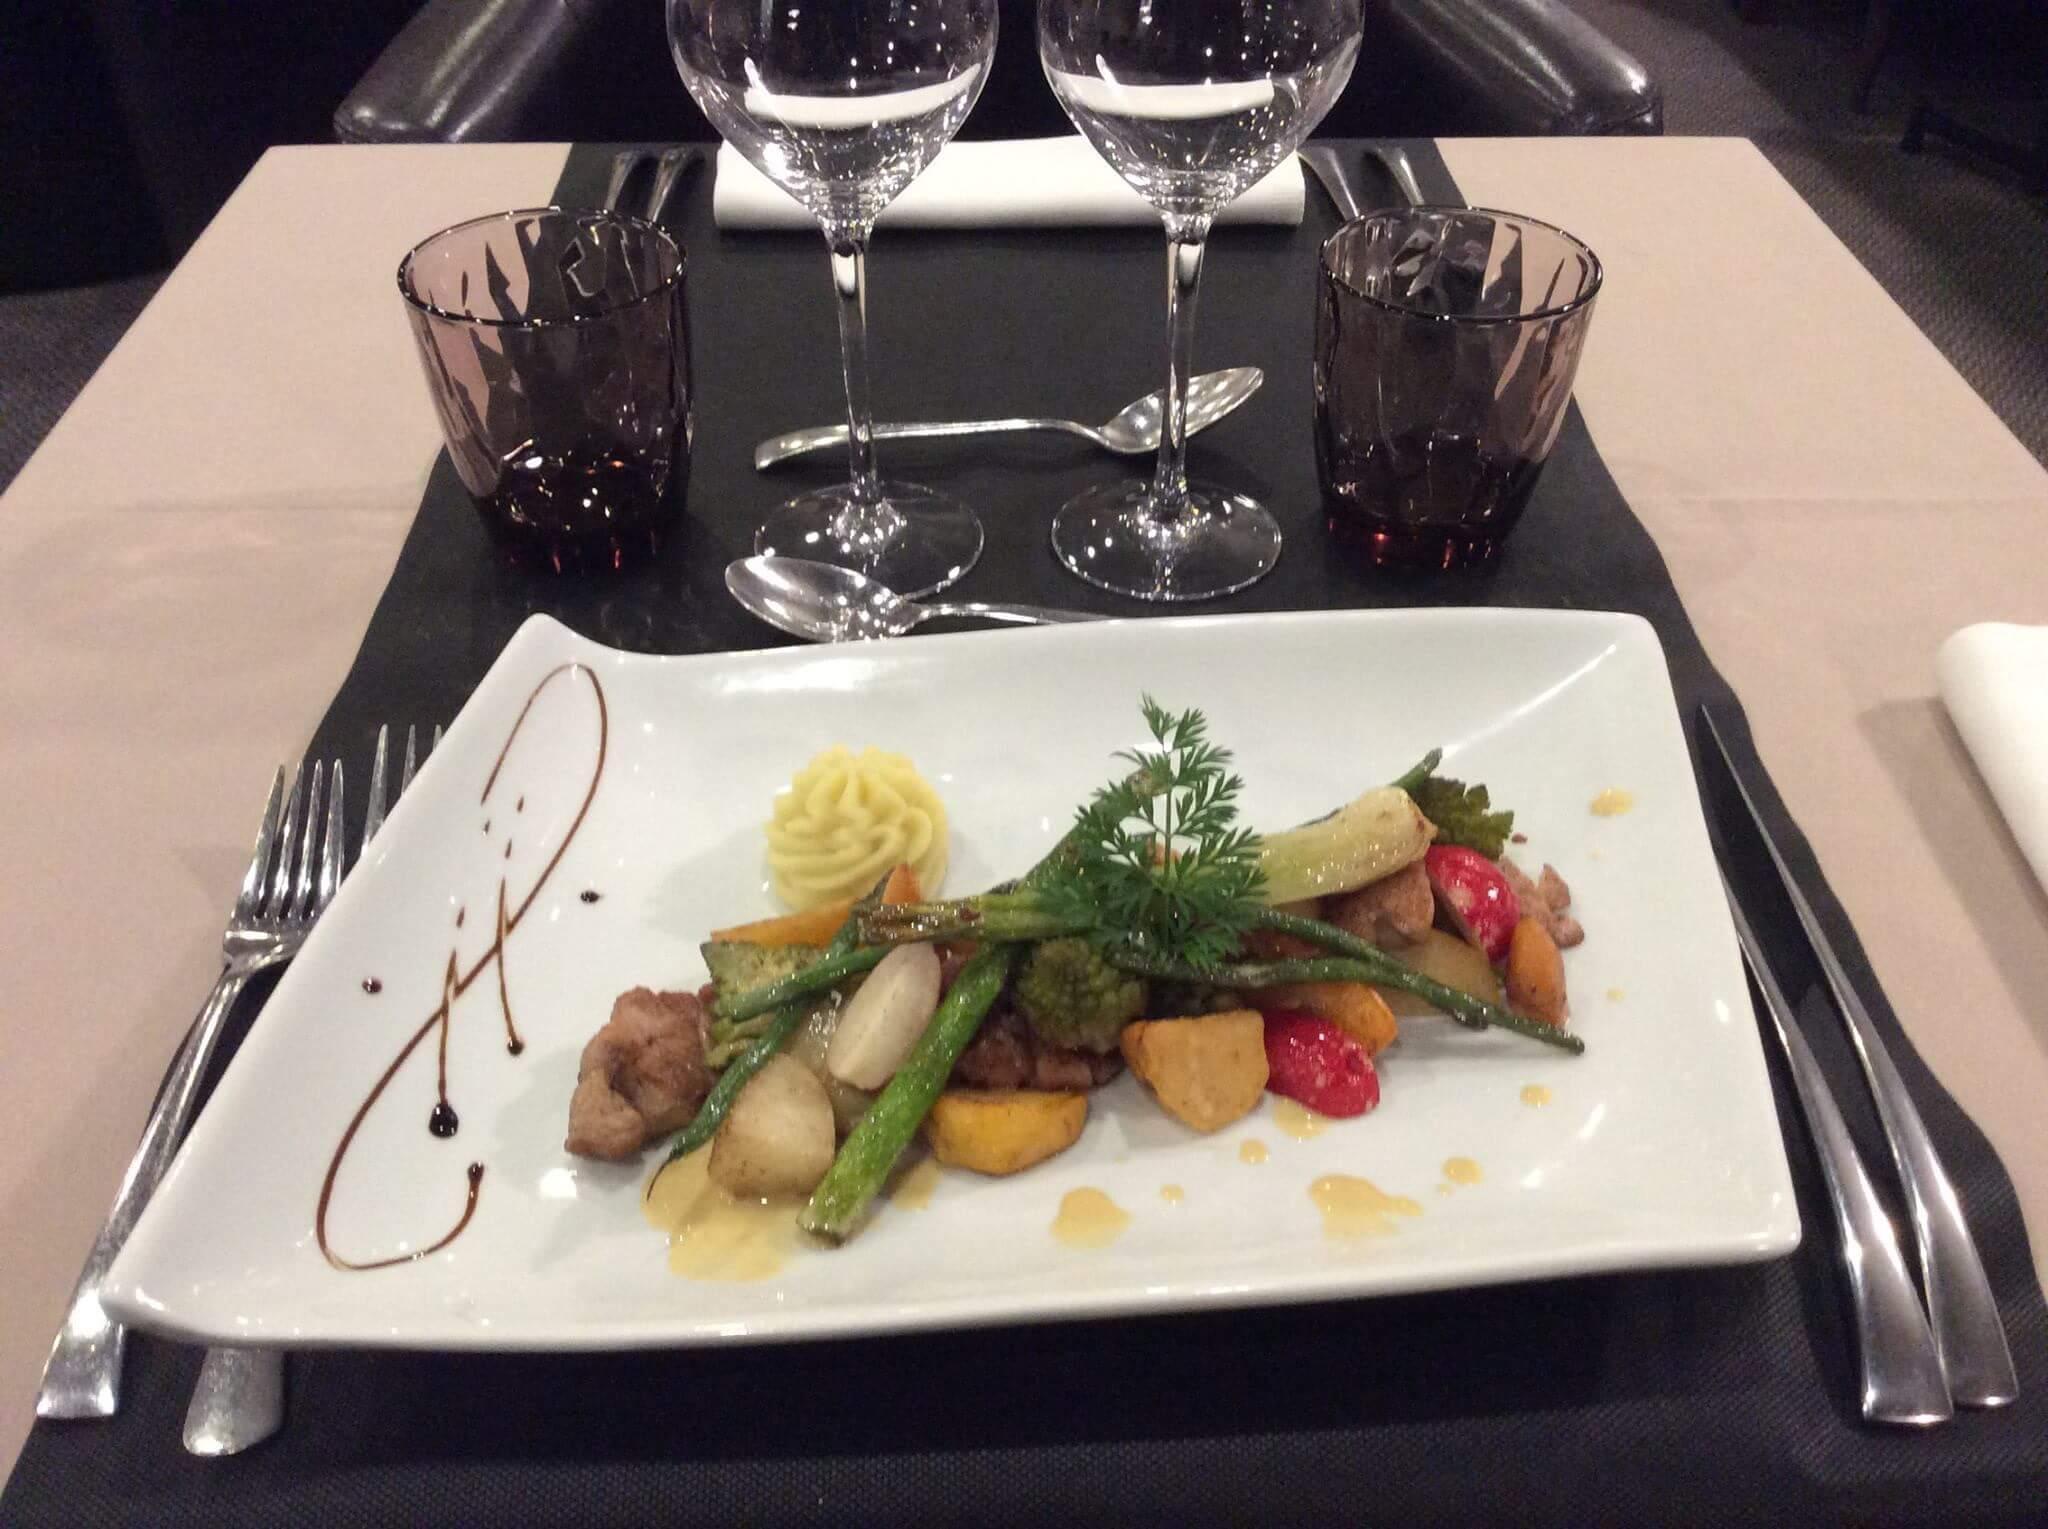 ris-de-veau-restaurant-rouen